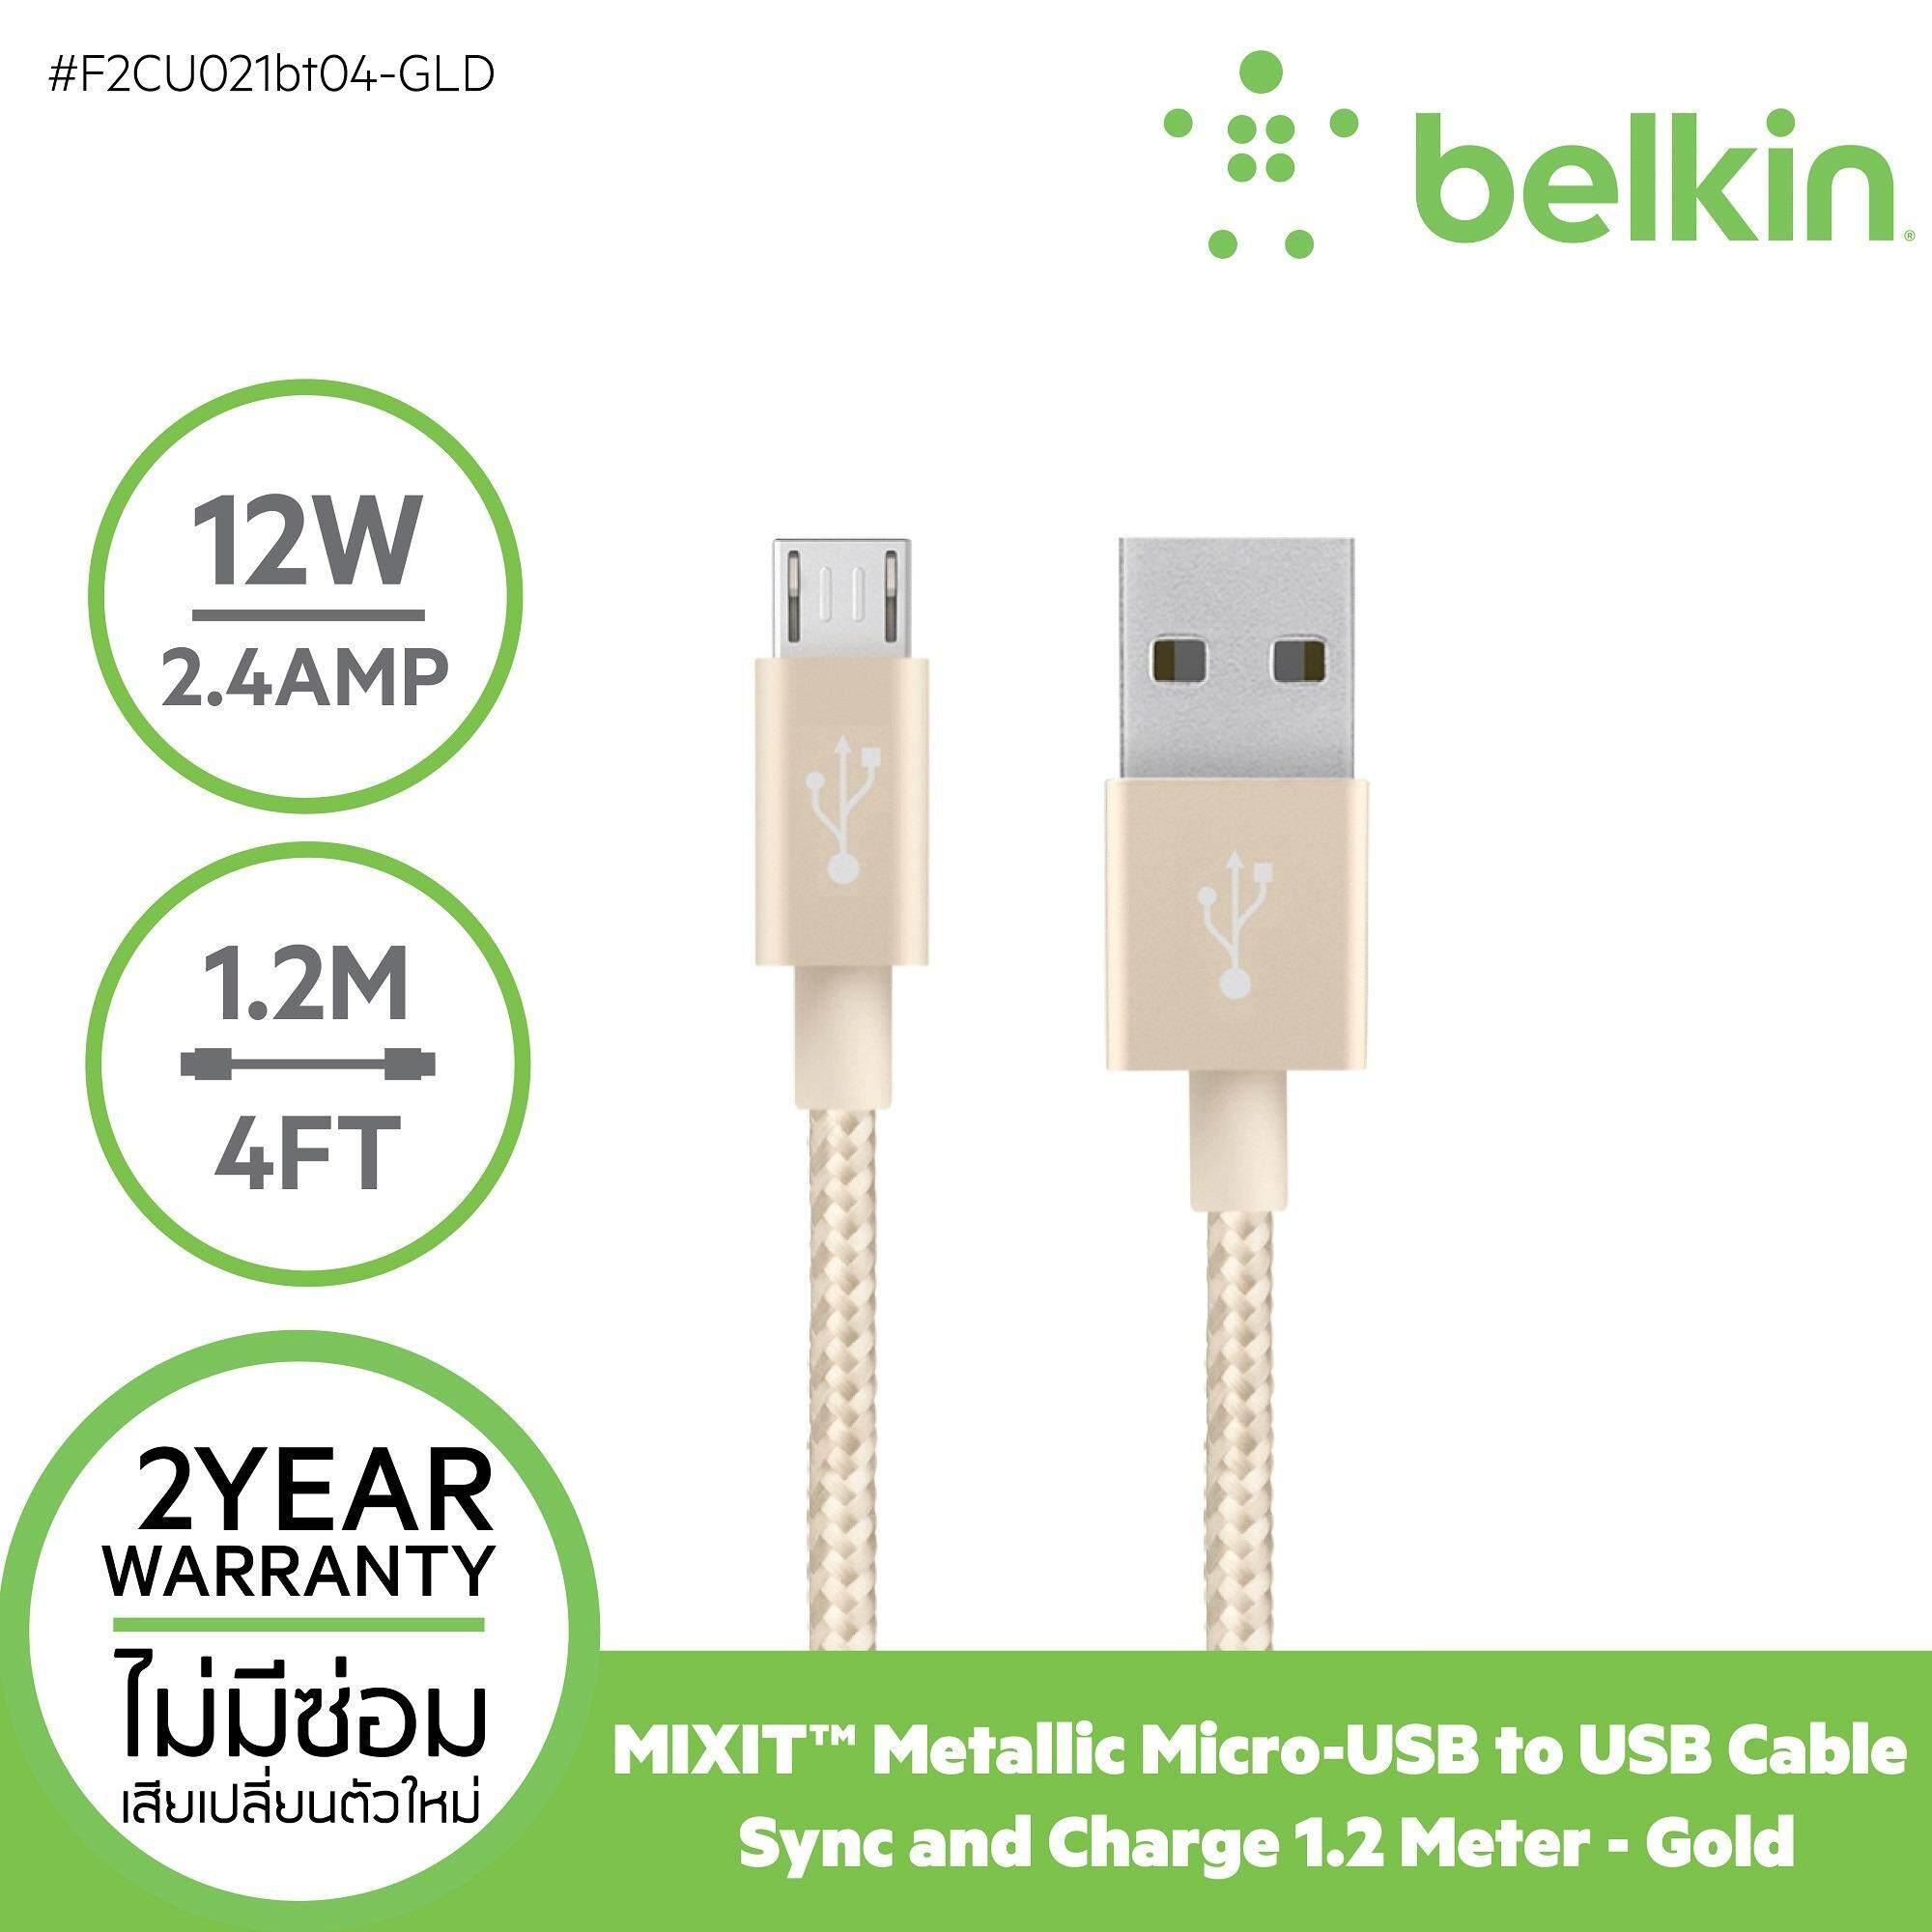 ซื้อ Belkin สายชาร์จ ไมโคร ยูเอสบี 1 2 เมตร สำหรับแอนดรอยด์ ซัมซุง แบตเตอรี่สำรอง สายถัก เบลคิน Belkinmixit↑™ Metallic Micro Usb To Usb Cable Sync And Charge 1 2 Meter Gold Belkin ถูก